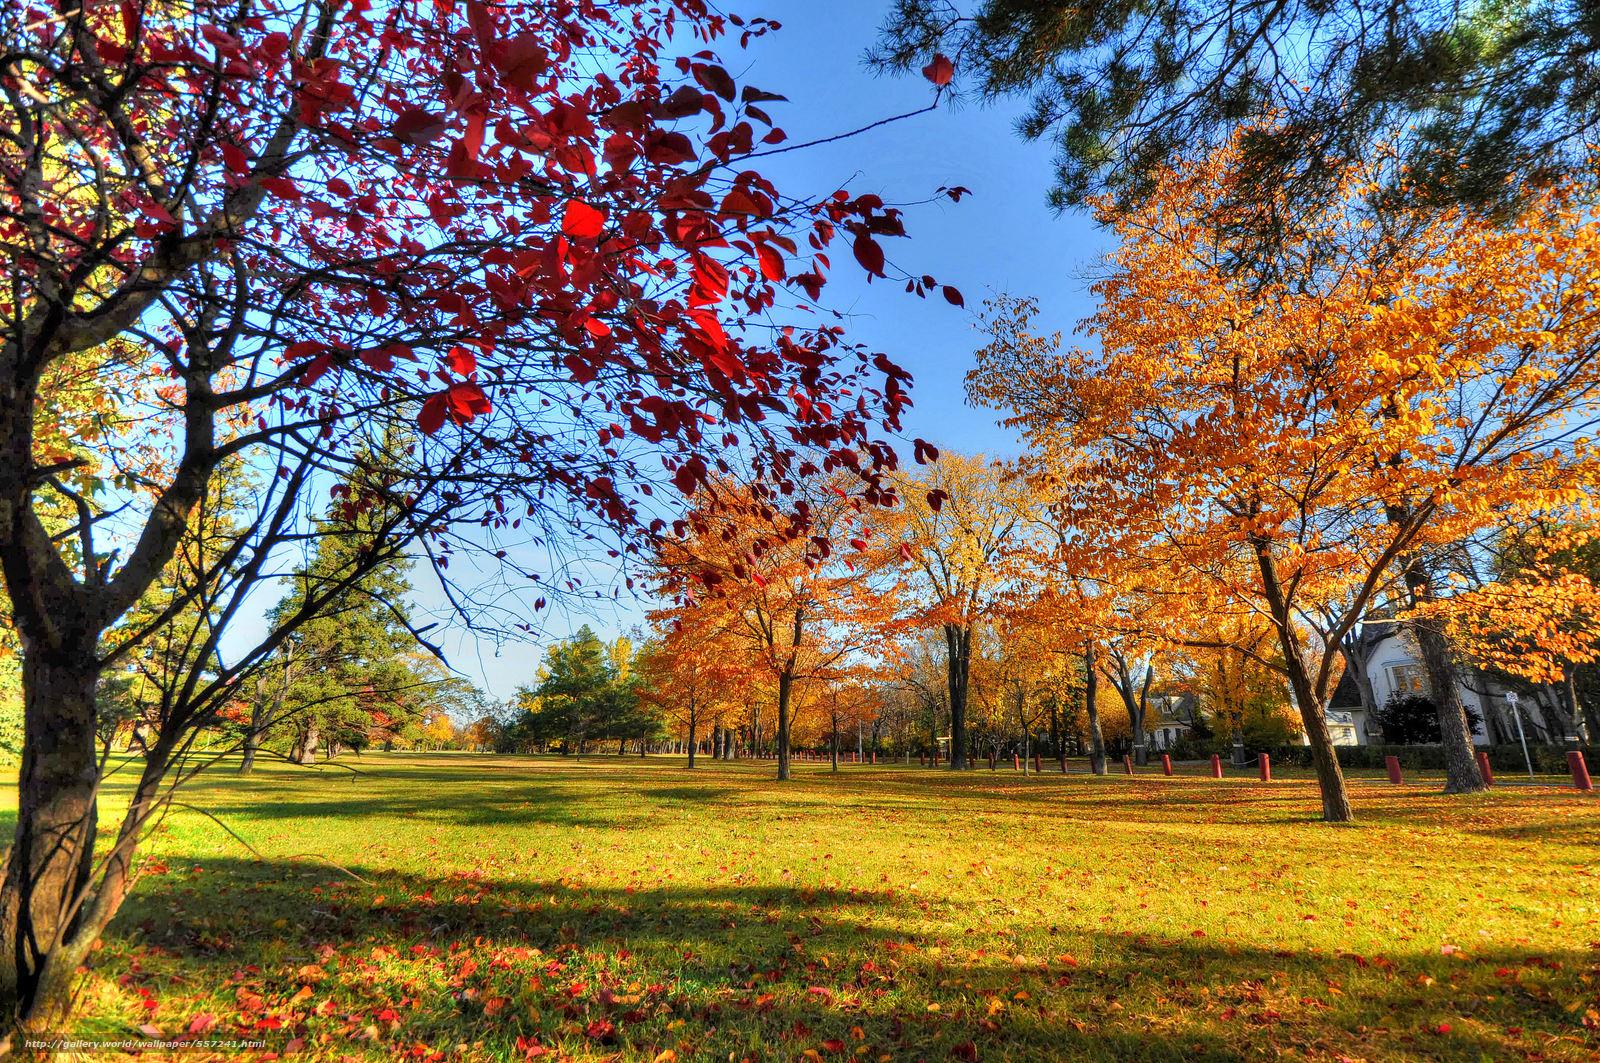 Alberi in autunno paesaggi sfondi desktop gratis sfondi hd for Autunno sfondi desktop